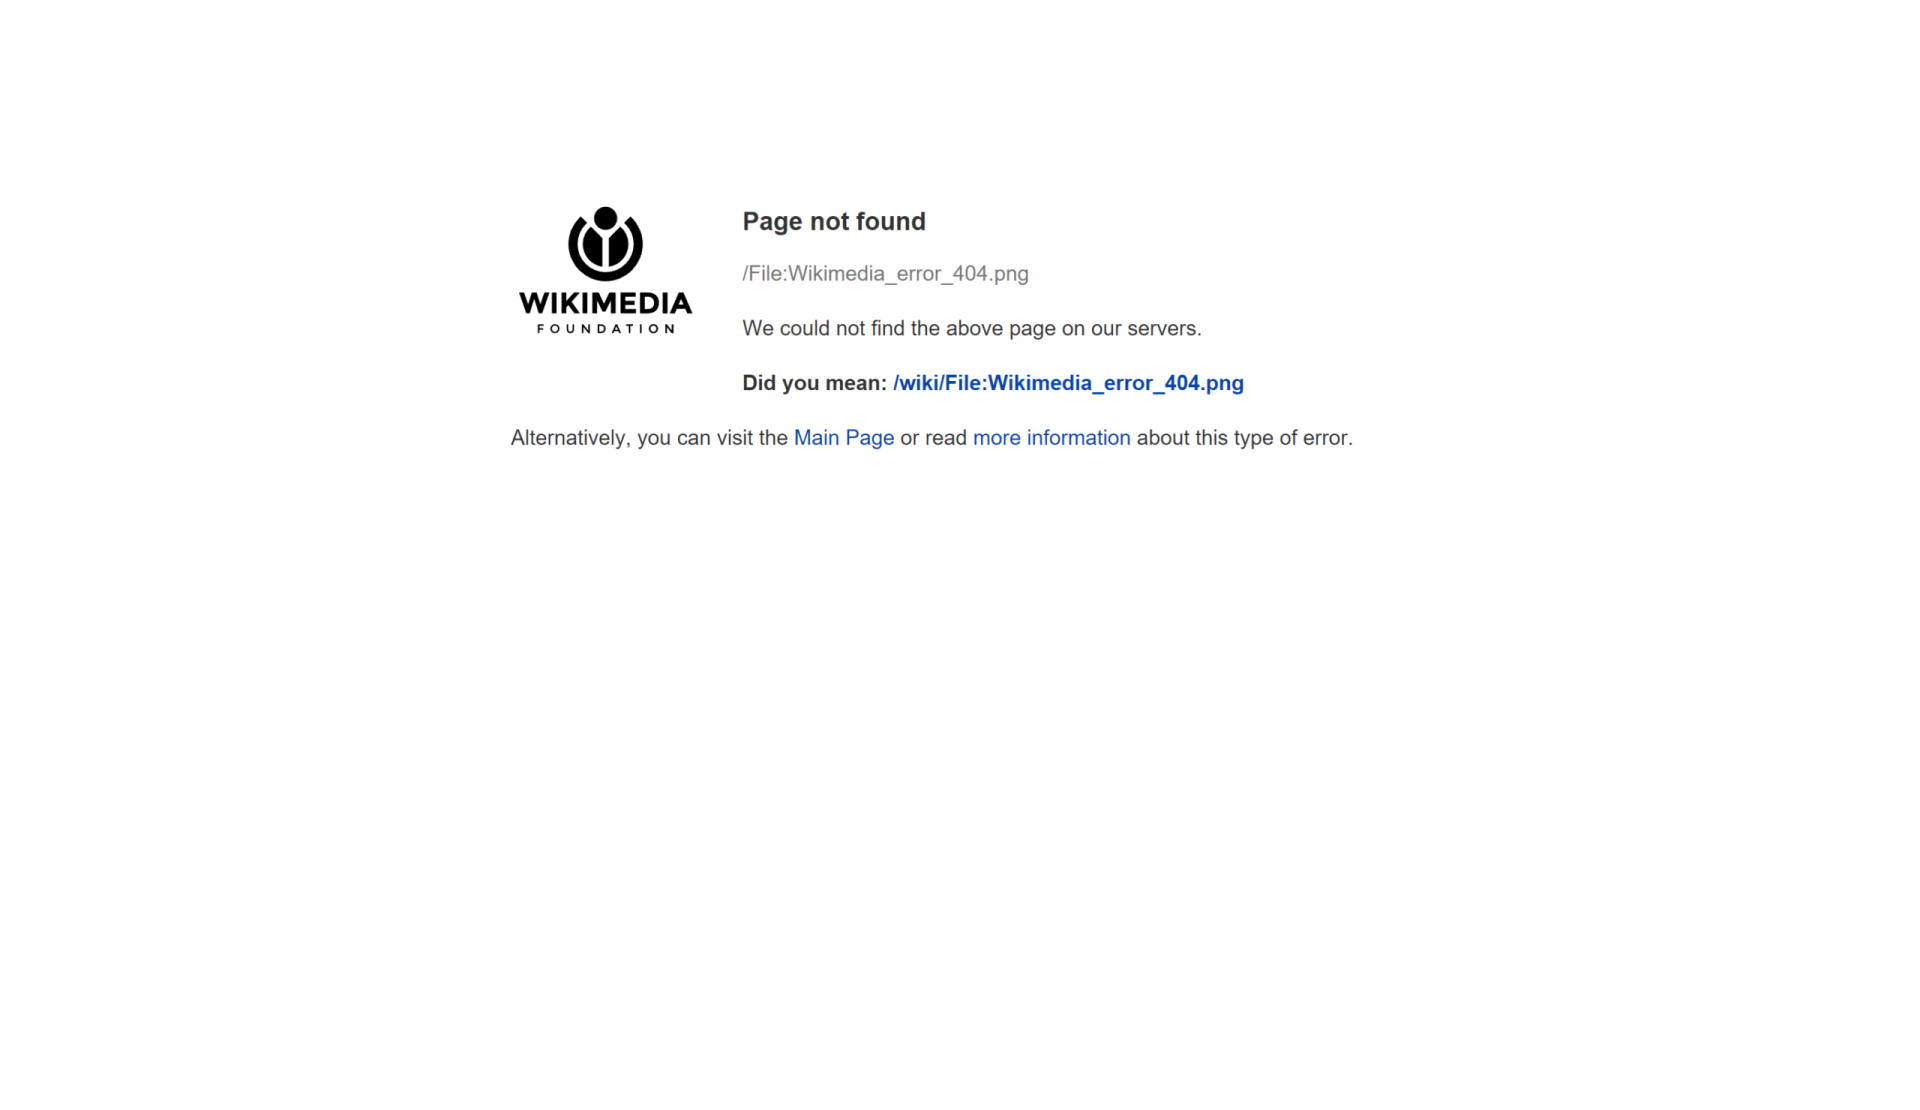 HTTP 404